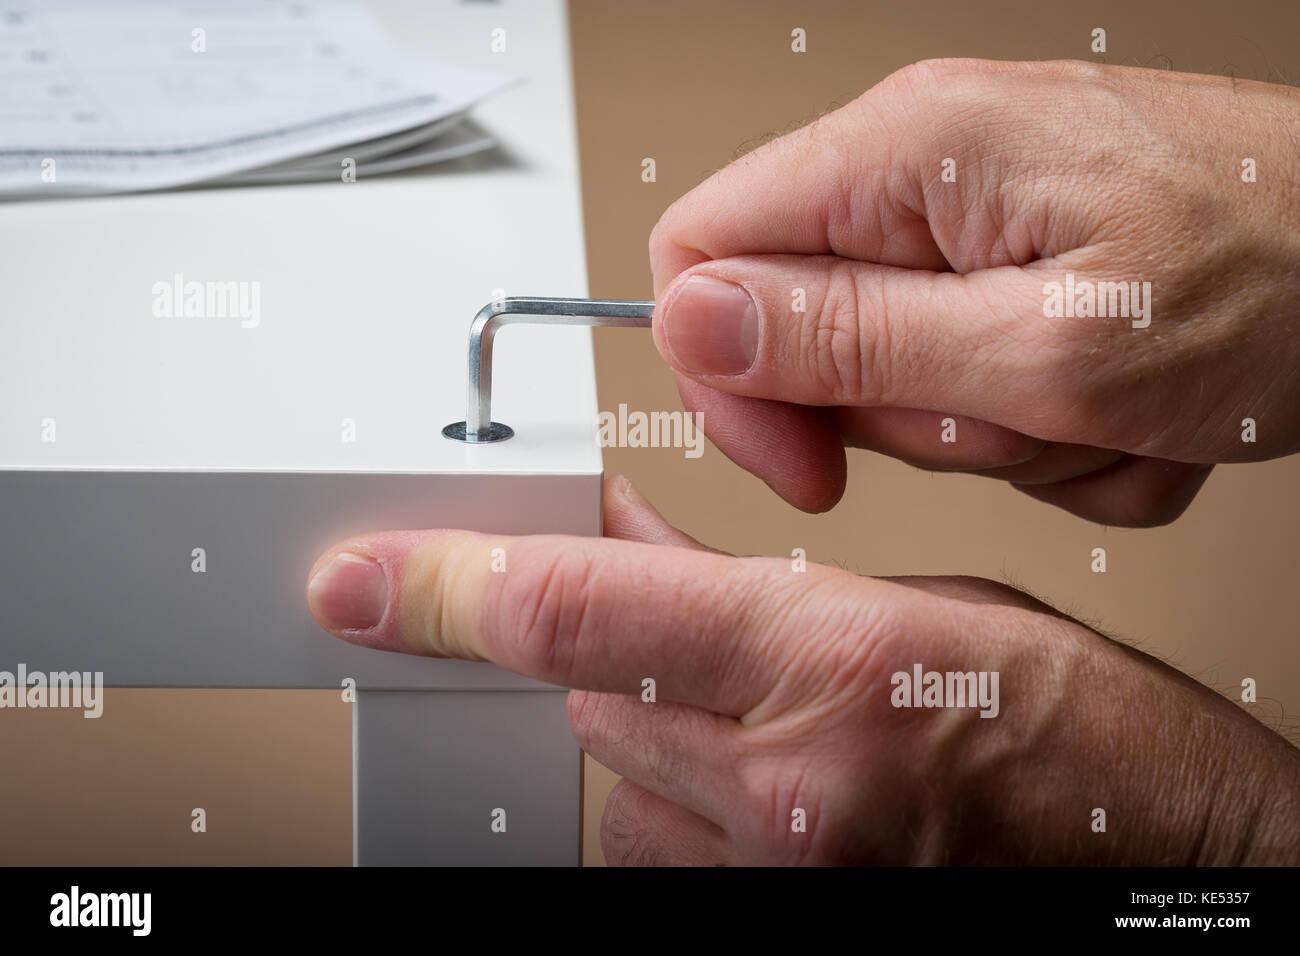 Un hombre construir muebles flat pack utilizando una llave allen con las instrucciones de montaje en el fondo Imagen De Stock